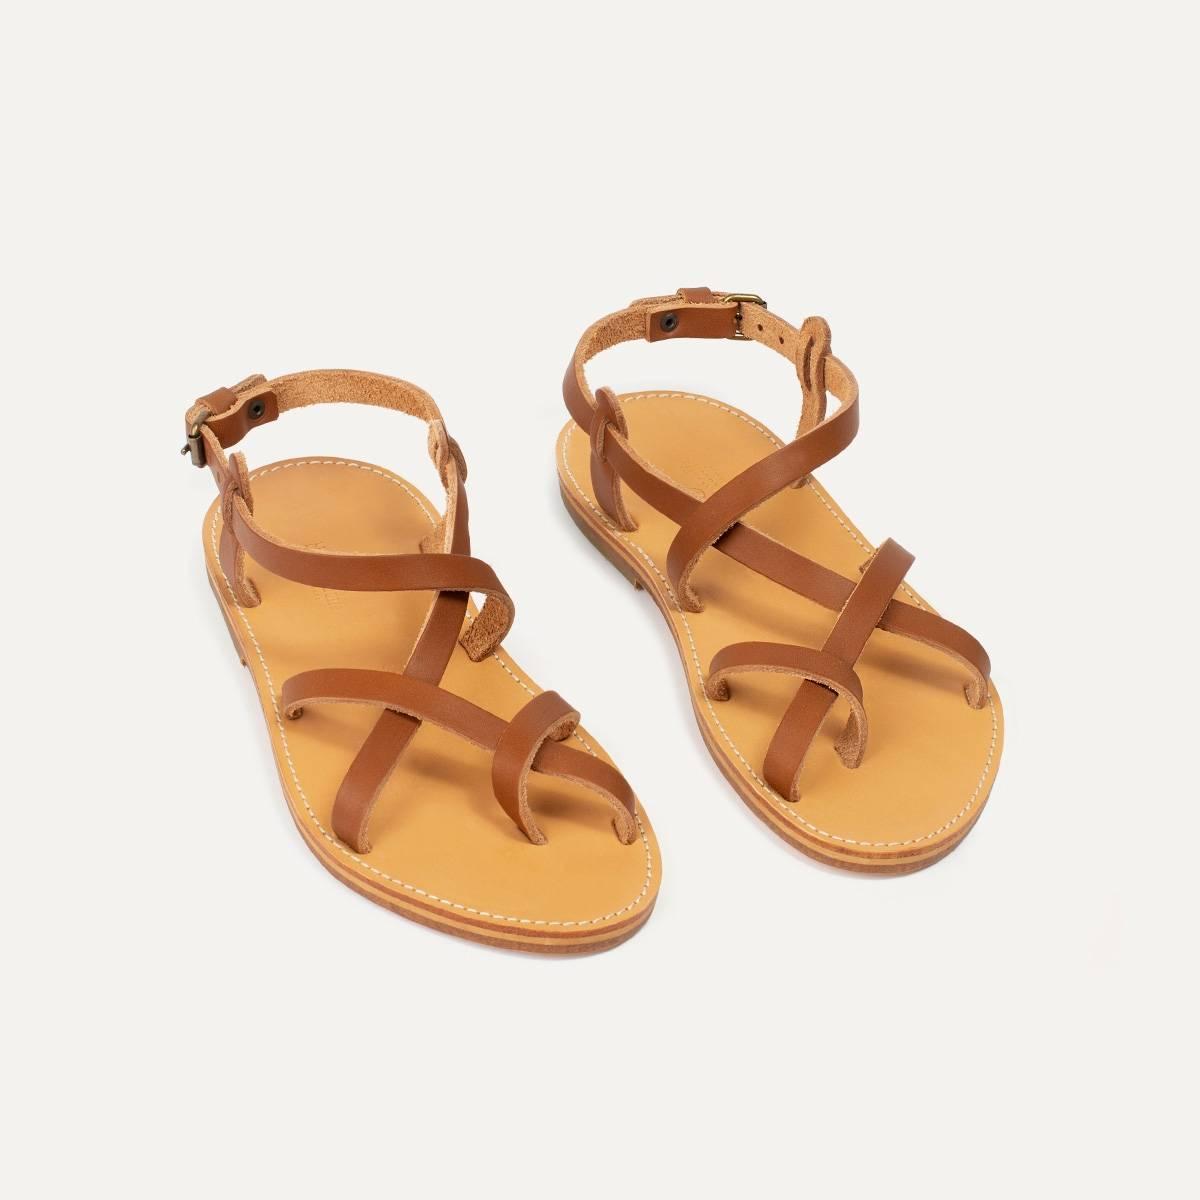 Sandales cuir Nara - Pain Brûlé (image n°4)